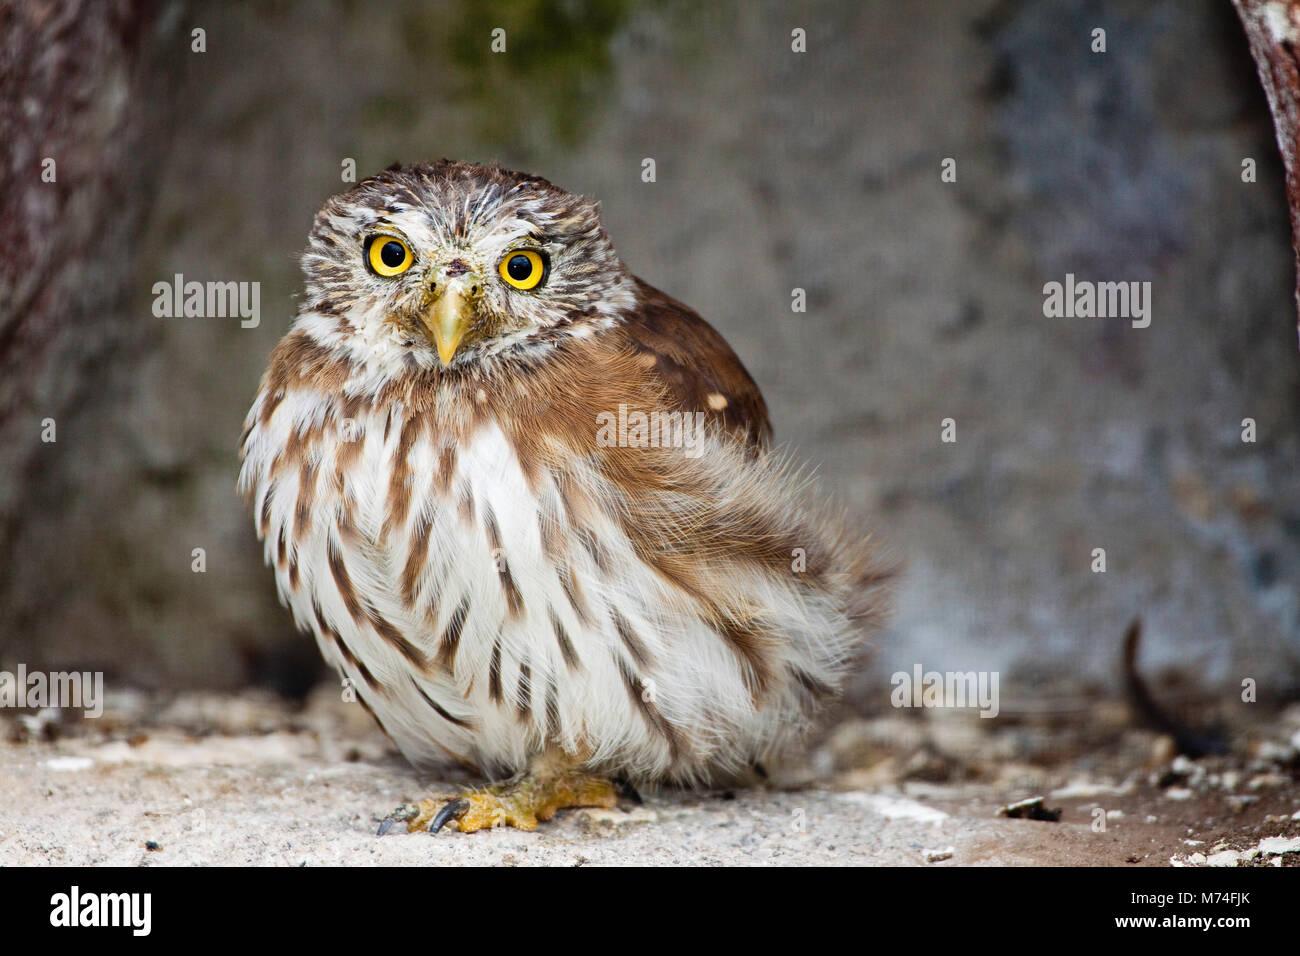 The Peruvian Pygmy-owl, Glaucidium peruanum, is a species of owl in the Strigidae family. It is found in Ecuador - Stock Image